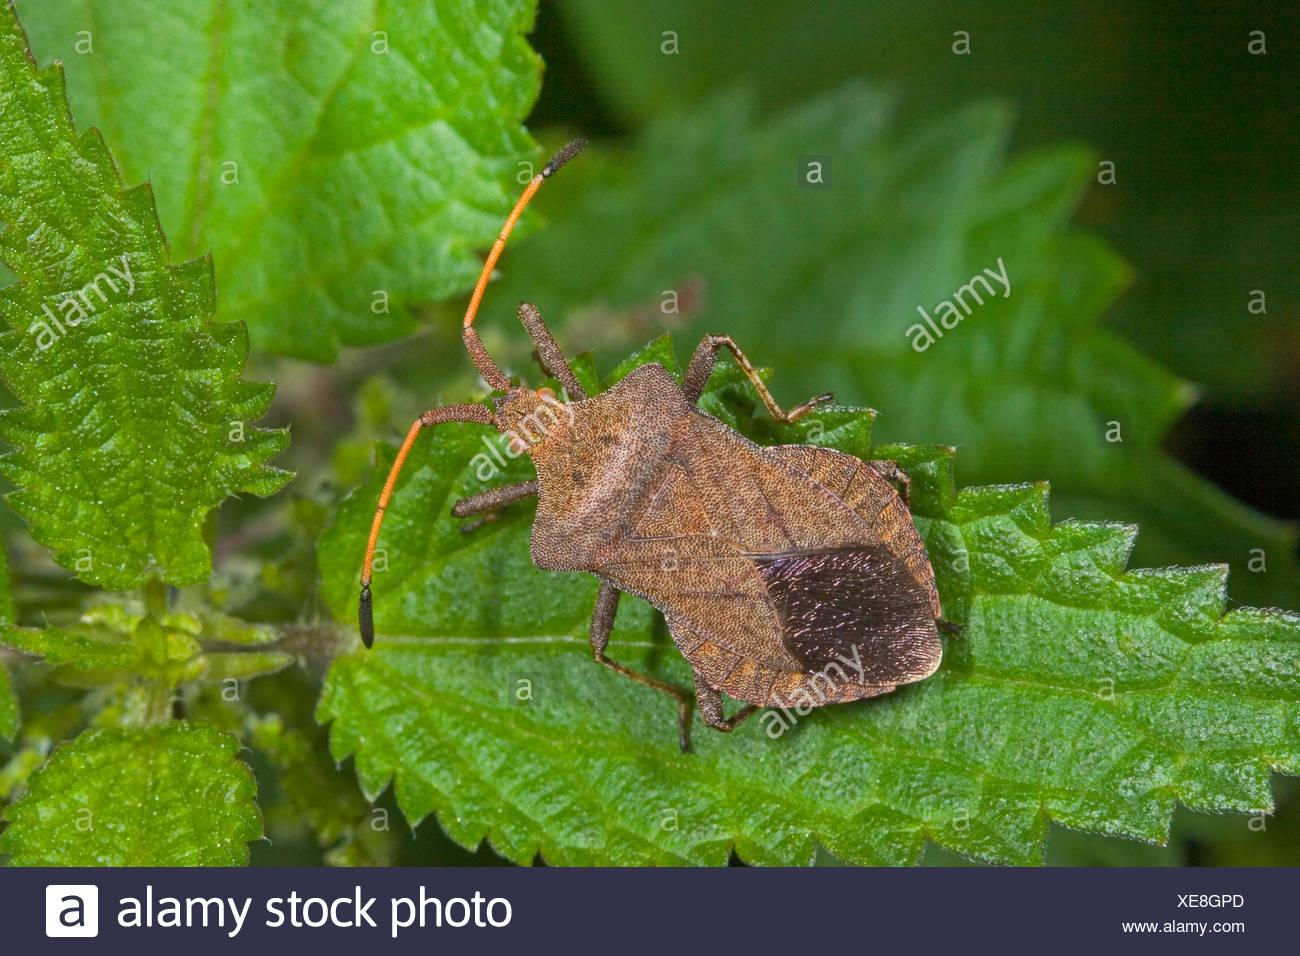 Squash bug (Coreus marginatus, Mesocerus marginatus), sitting on a leaf, Germany - Stock Image